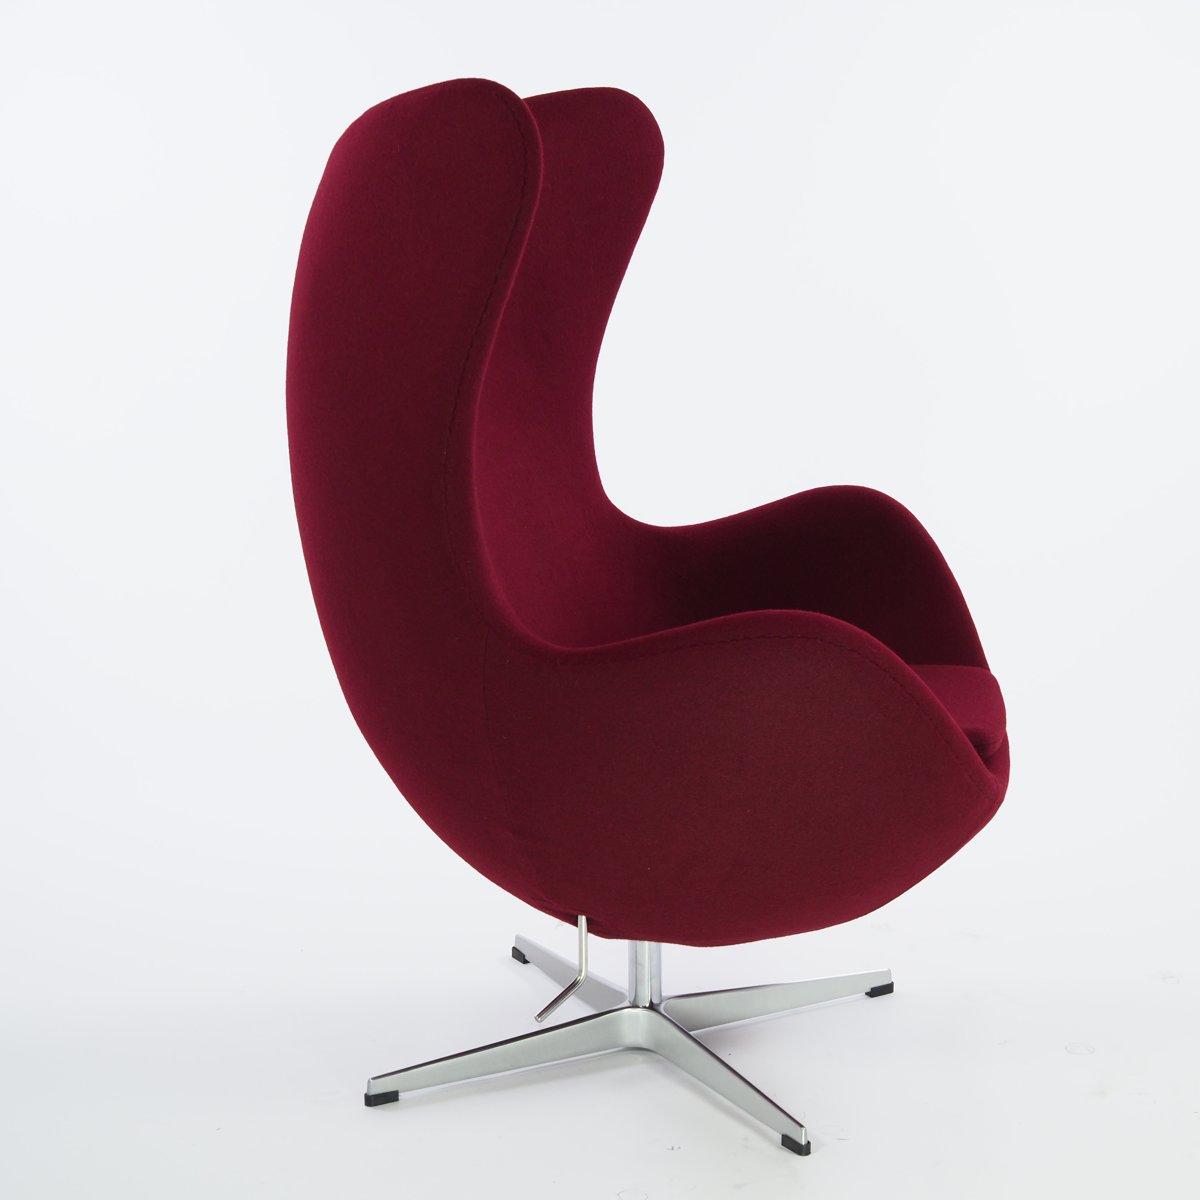 lounge stoel Egg Chair Kasjmier burgundy kopen